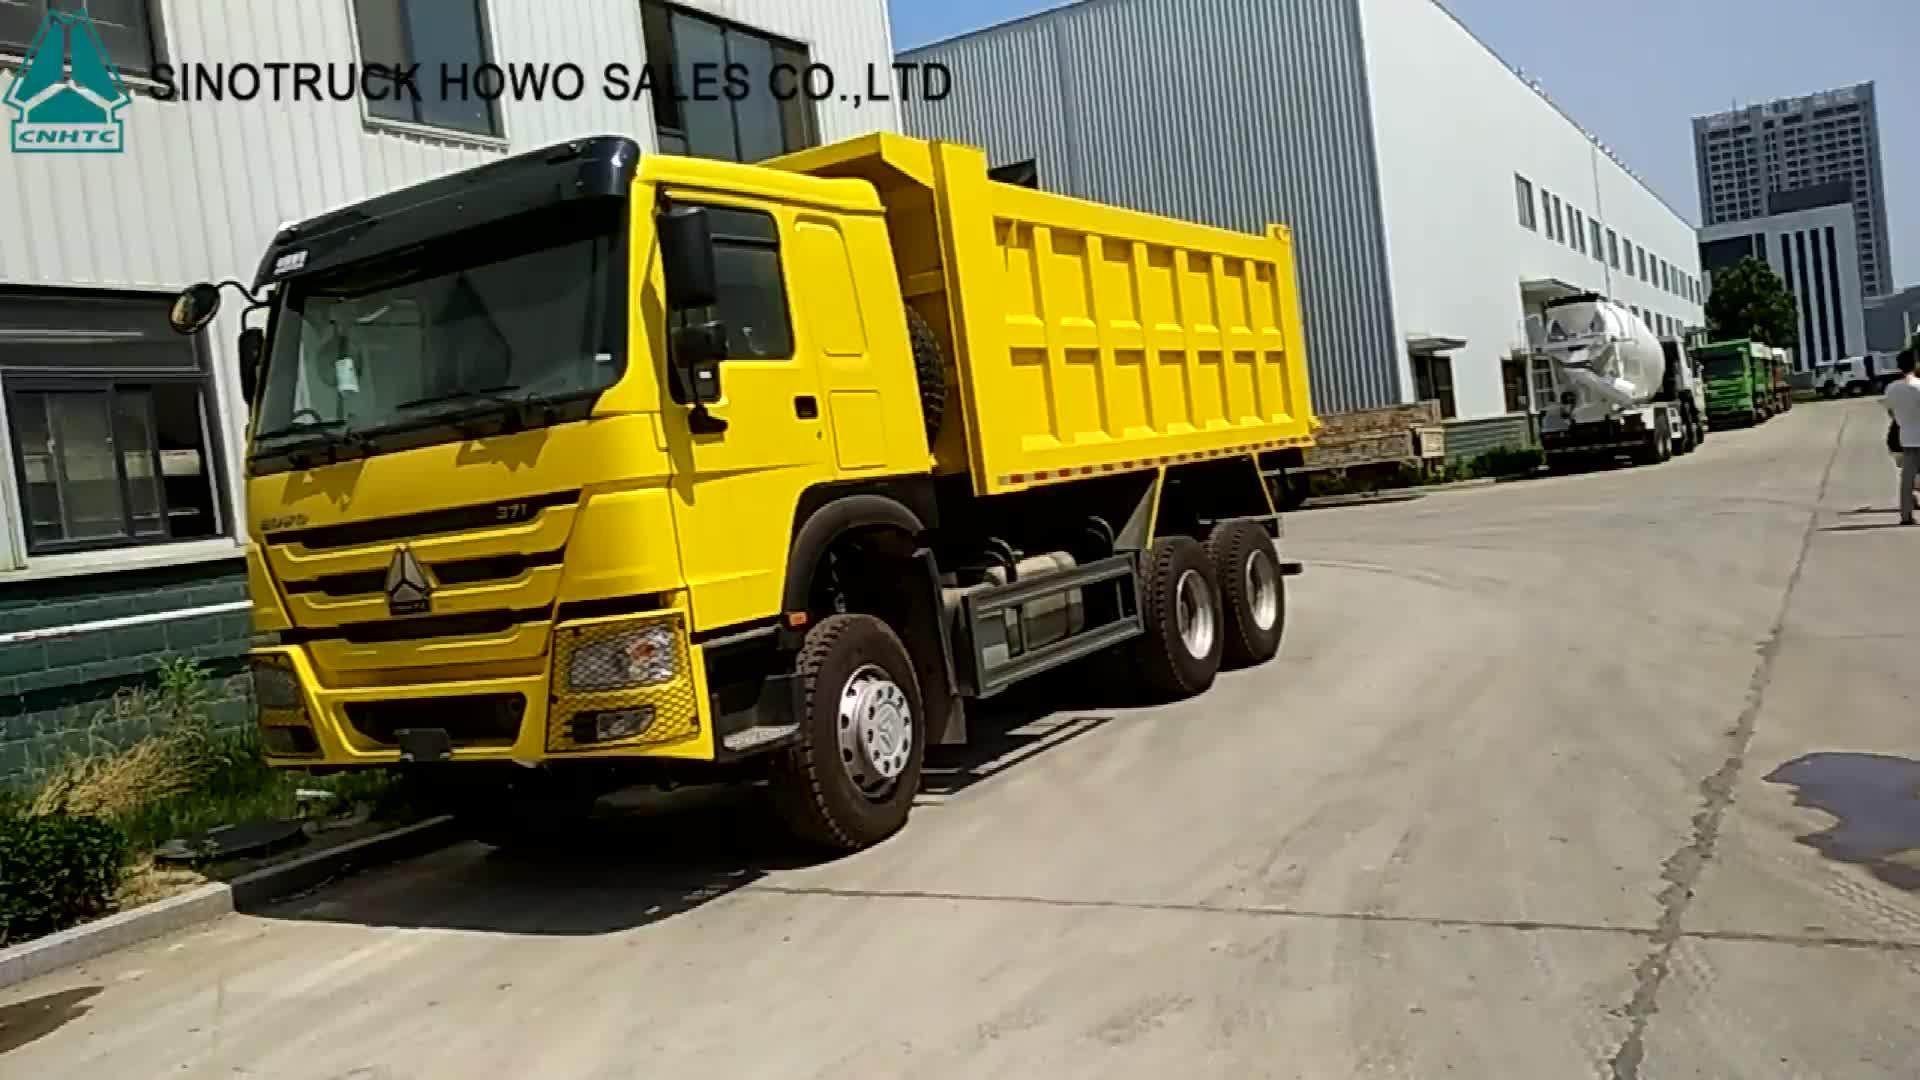 SINOTRUCK Giá Trung Quốc 25 30 40 tấn Mới Được Sử Dụng Cát 371 336 10 lốp xe Bánh Xe HOWO xe tải Tự Đổ